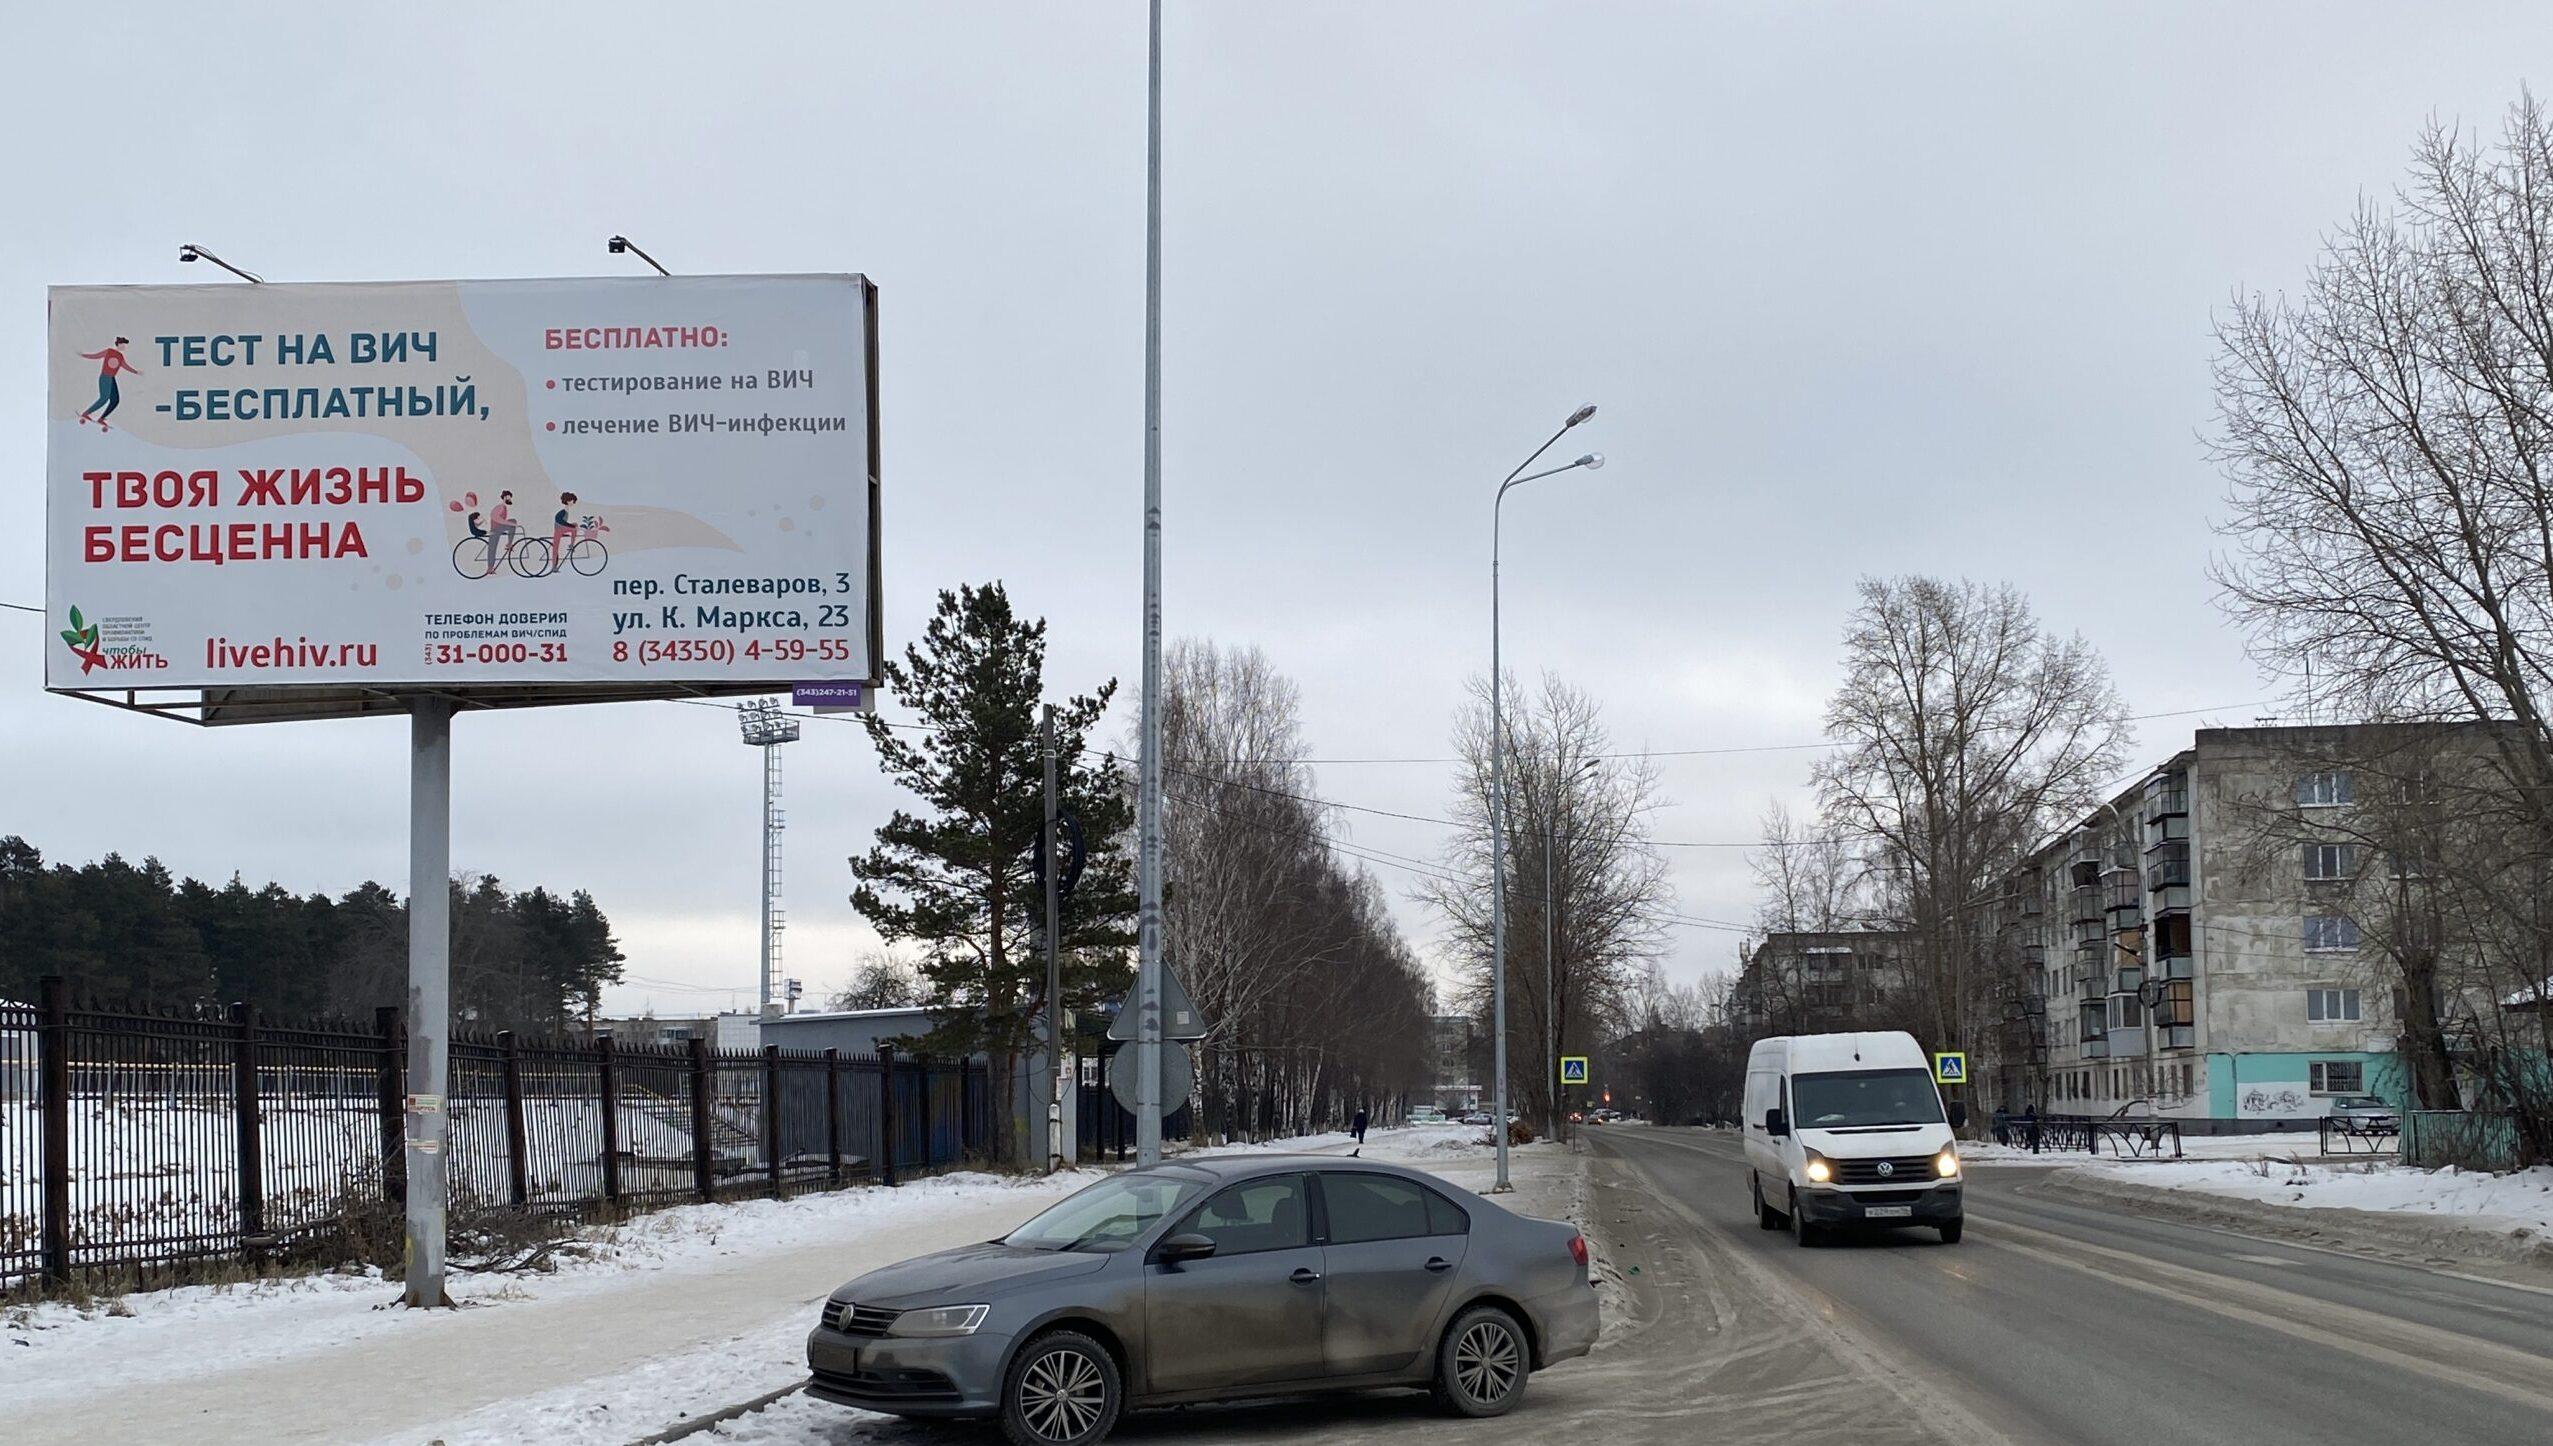 Аренда рекламных конструкций в городе Полевской